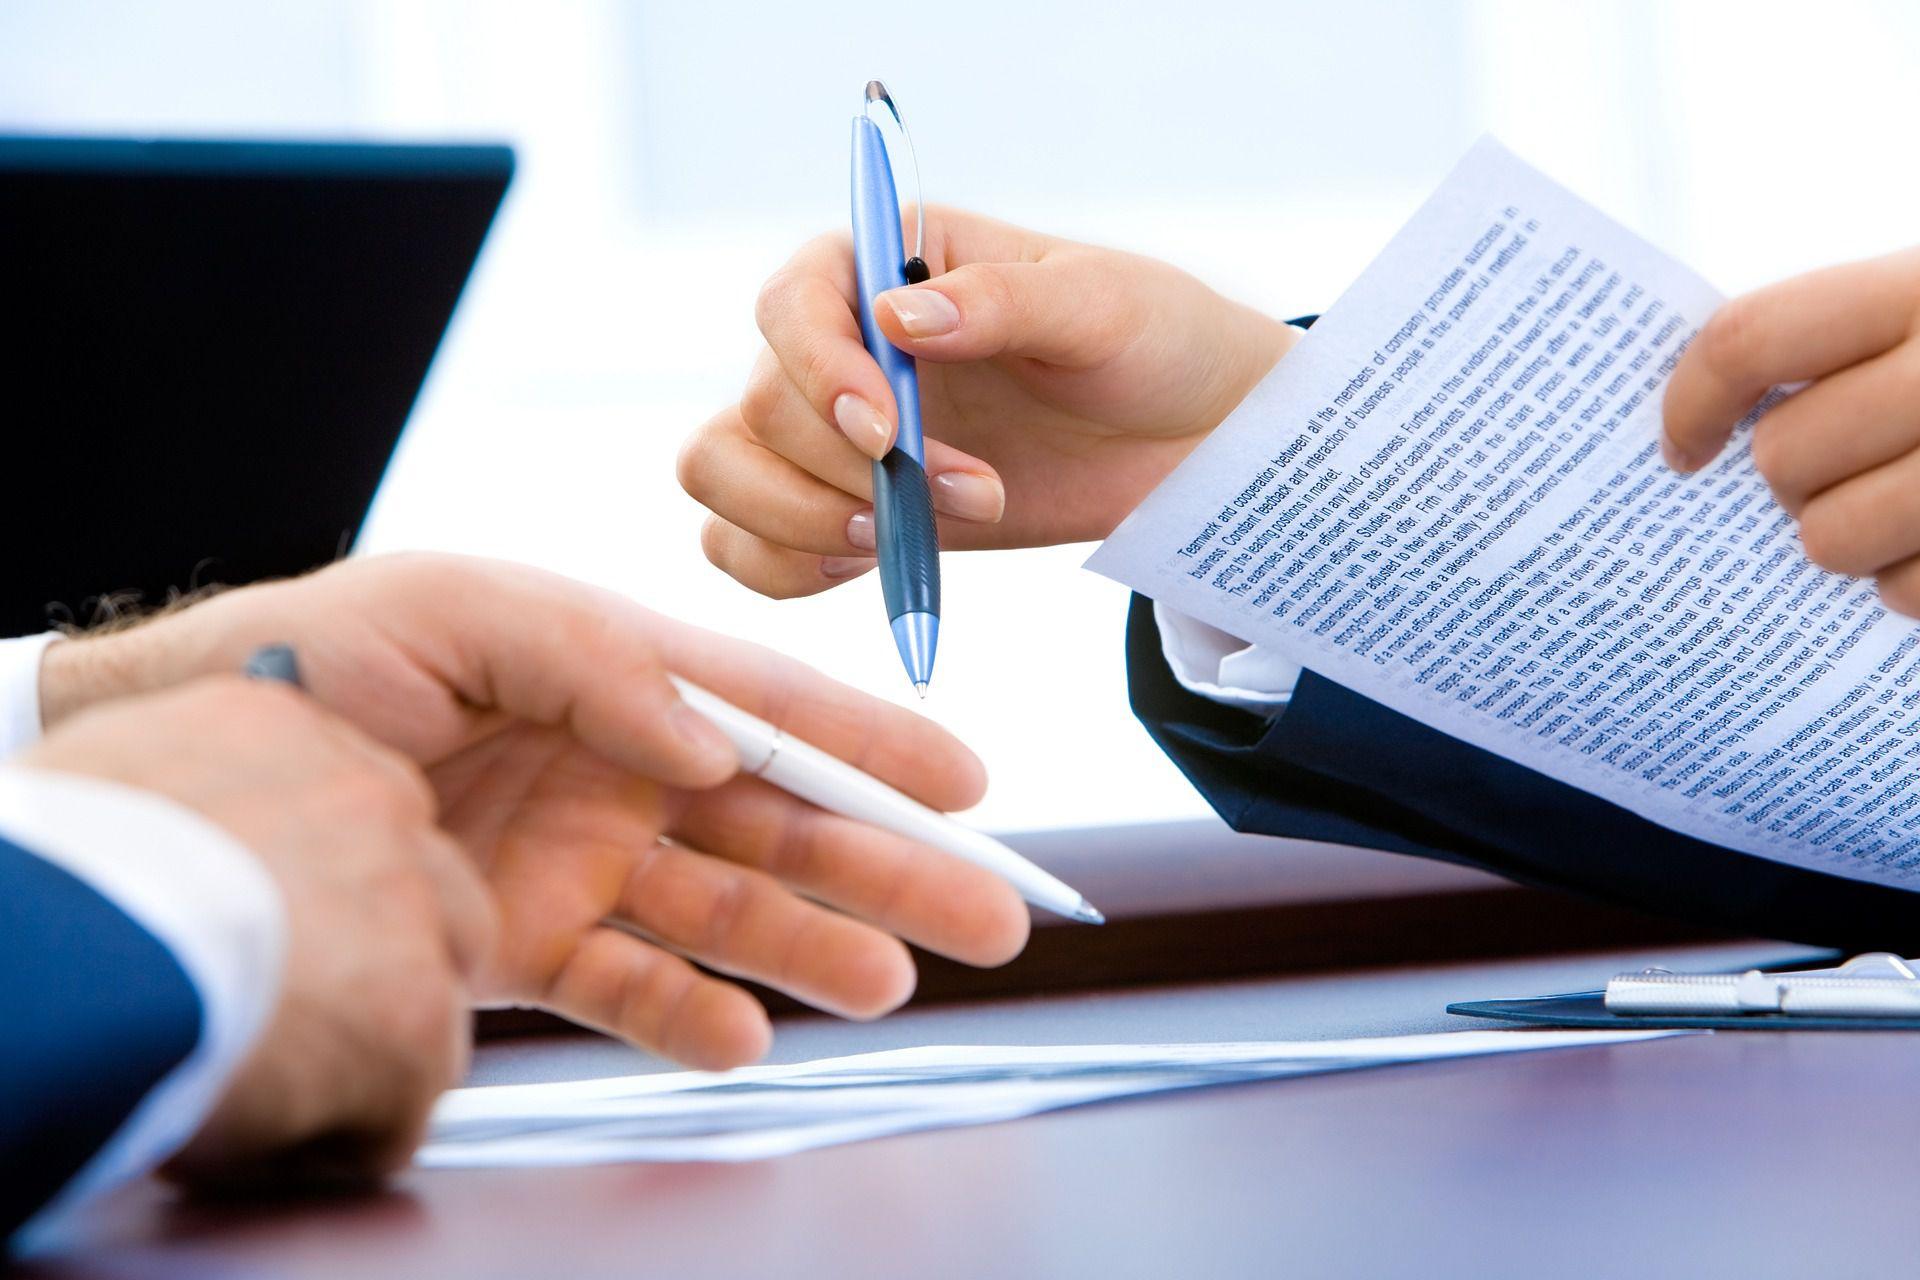 Оформить кредит по паспорту быстро рассматривает заявку в течение 12 рабочих дней